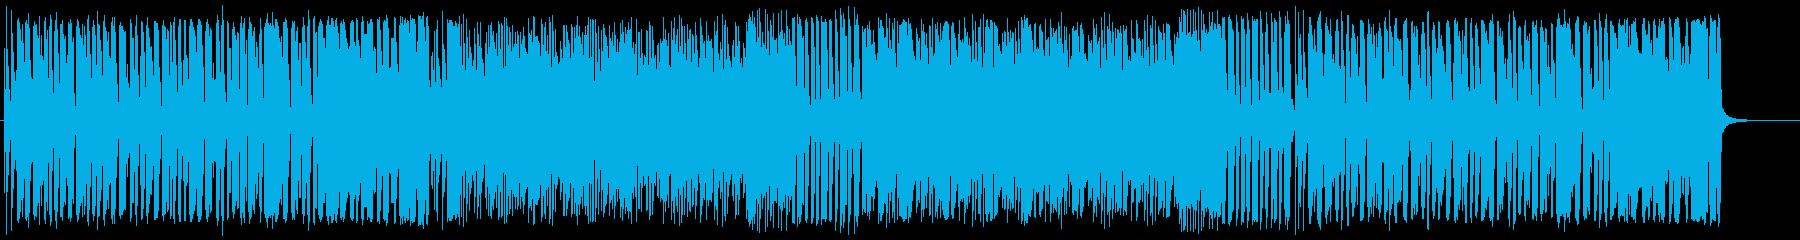 活動的で陽気な明るいBGMの再生済みの波形